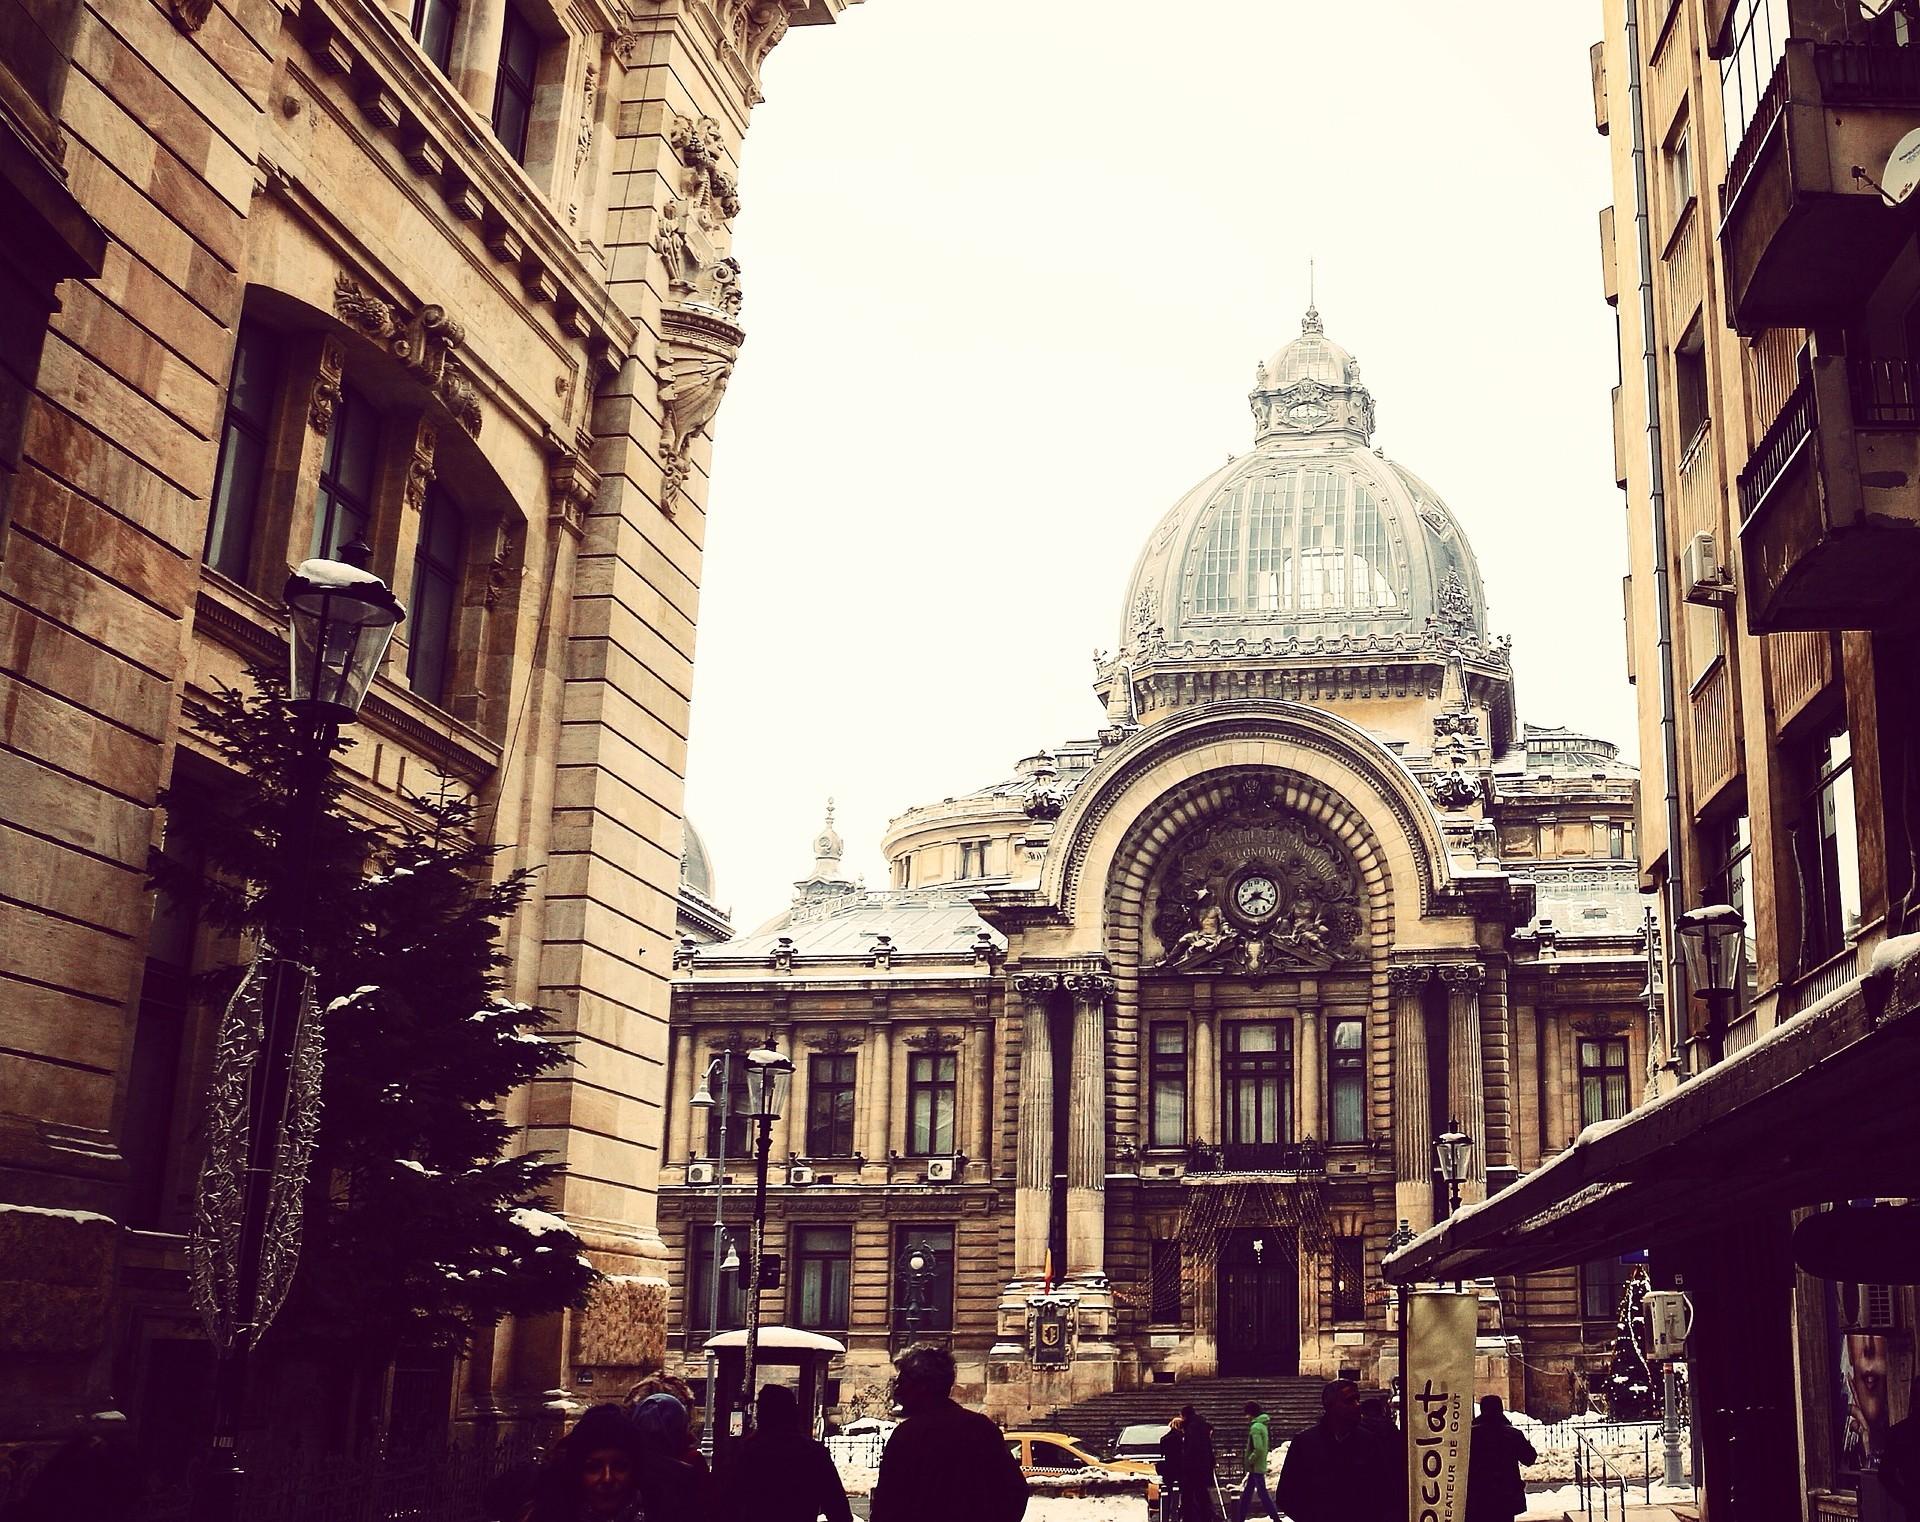 Città vecchia Bucarest - Foto di Farainspiratie